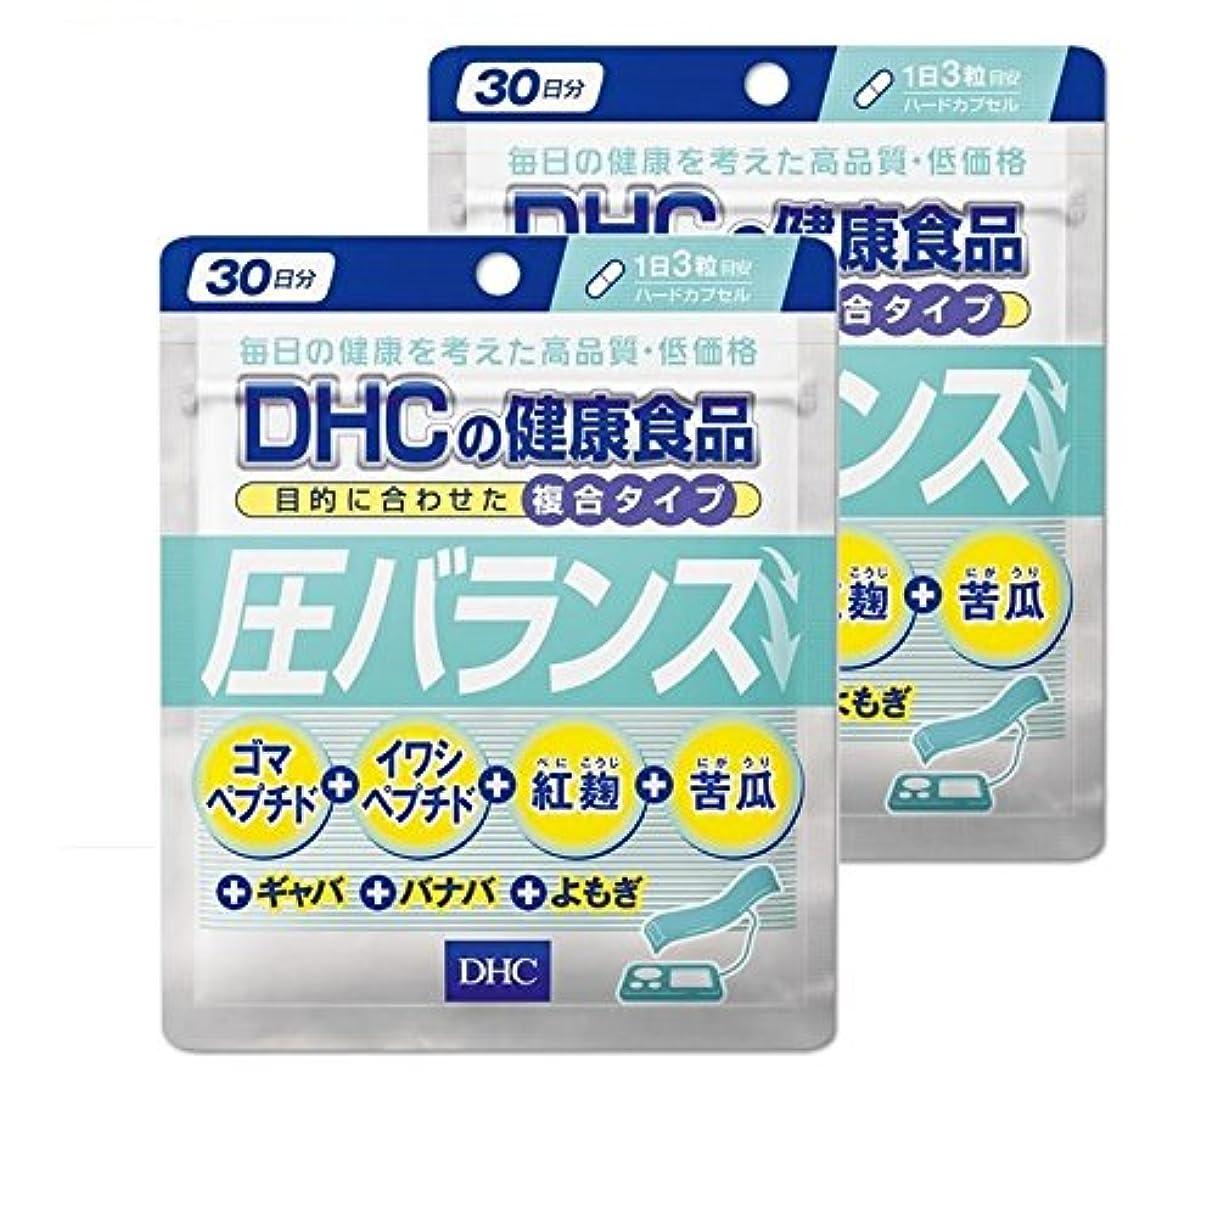 不透明なタンパク質スキャンダルDHC 圧バランス 30日分×2袋